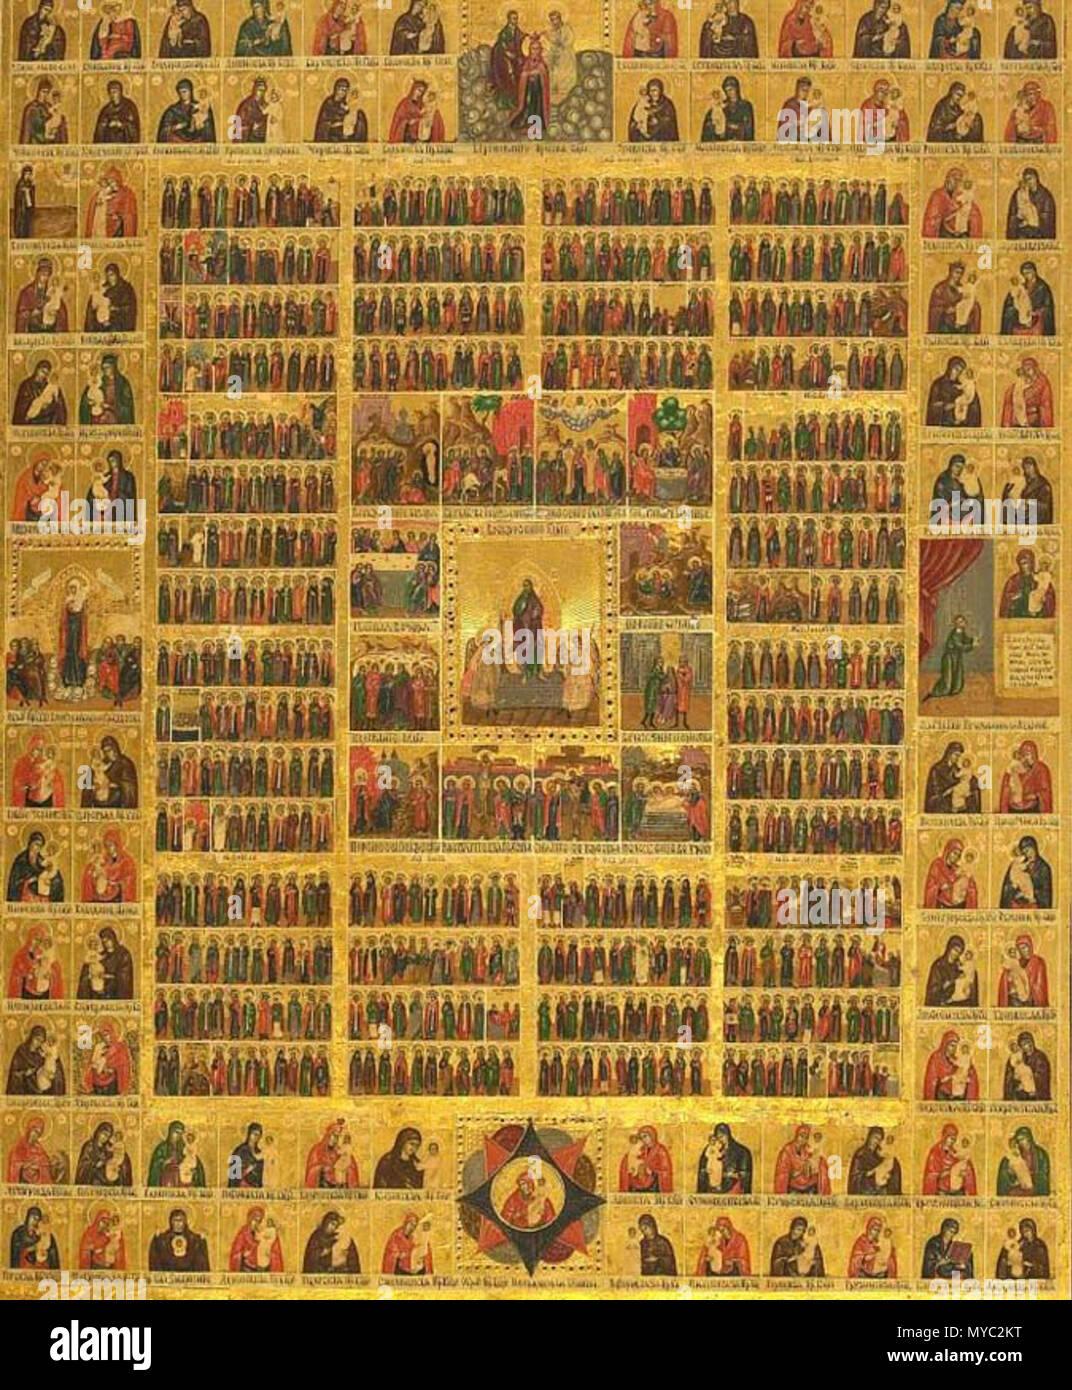 Santi Del Calendario.Inglese Icona Di Chetyi Minei Calendario Di Santi Nel